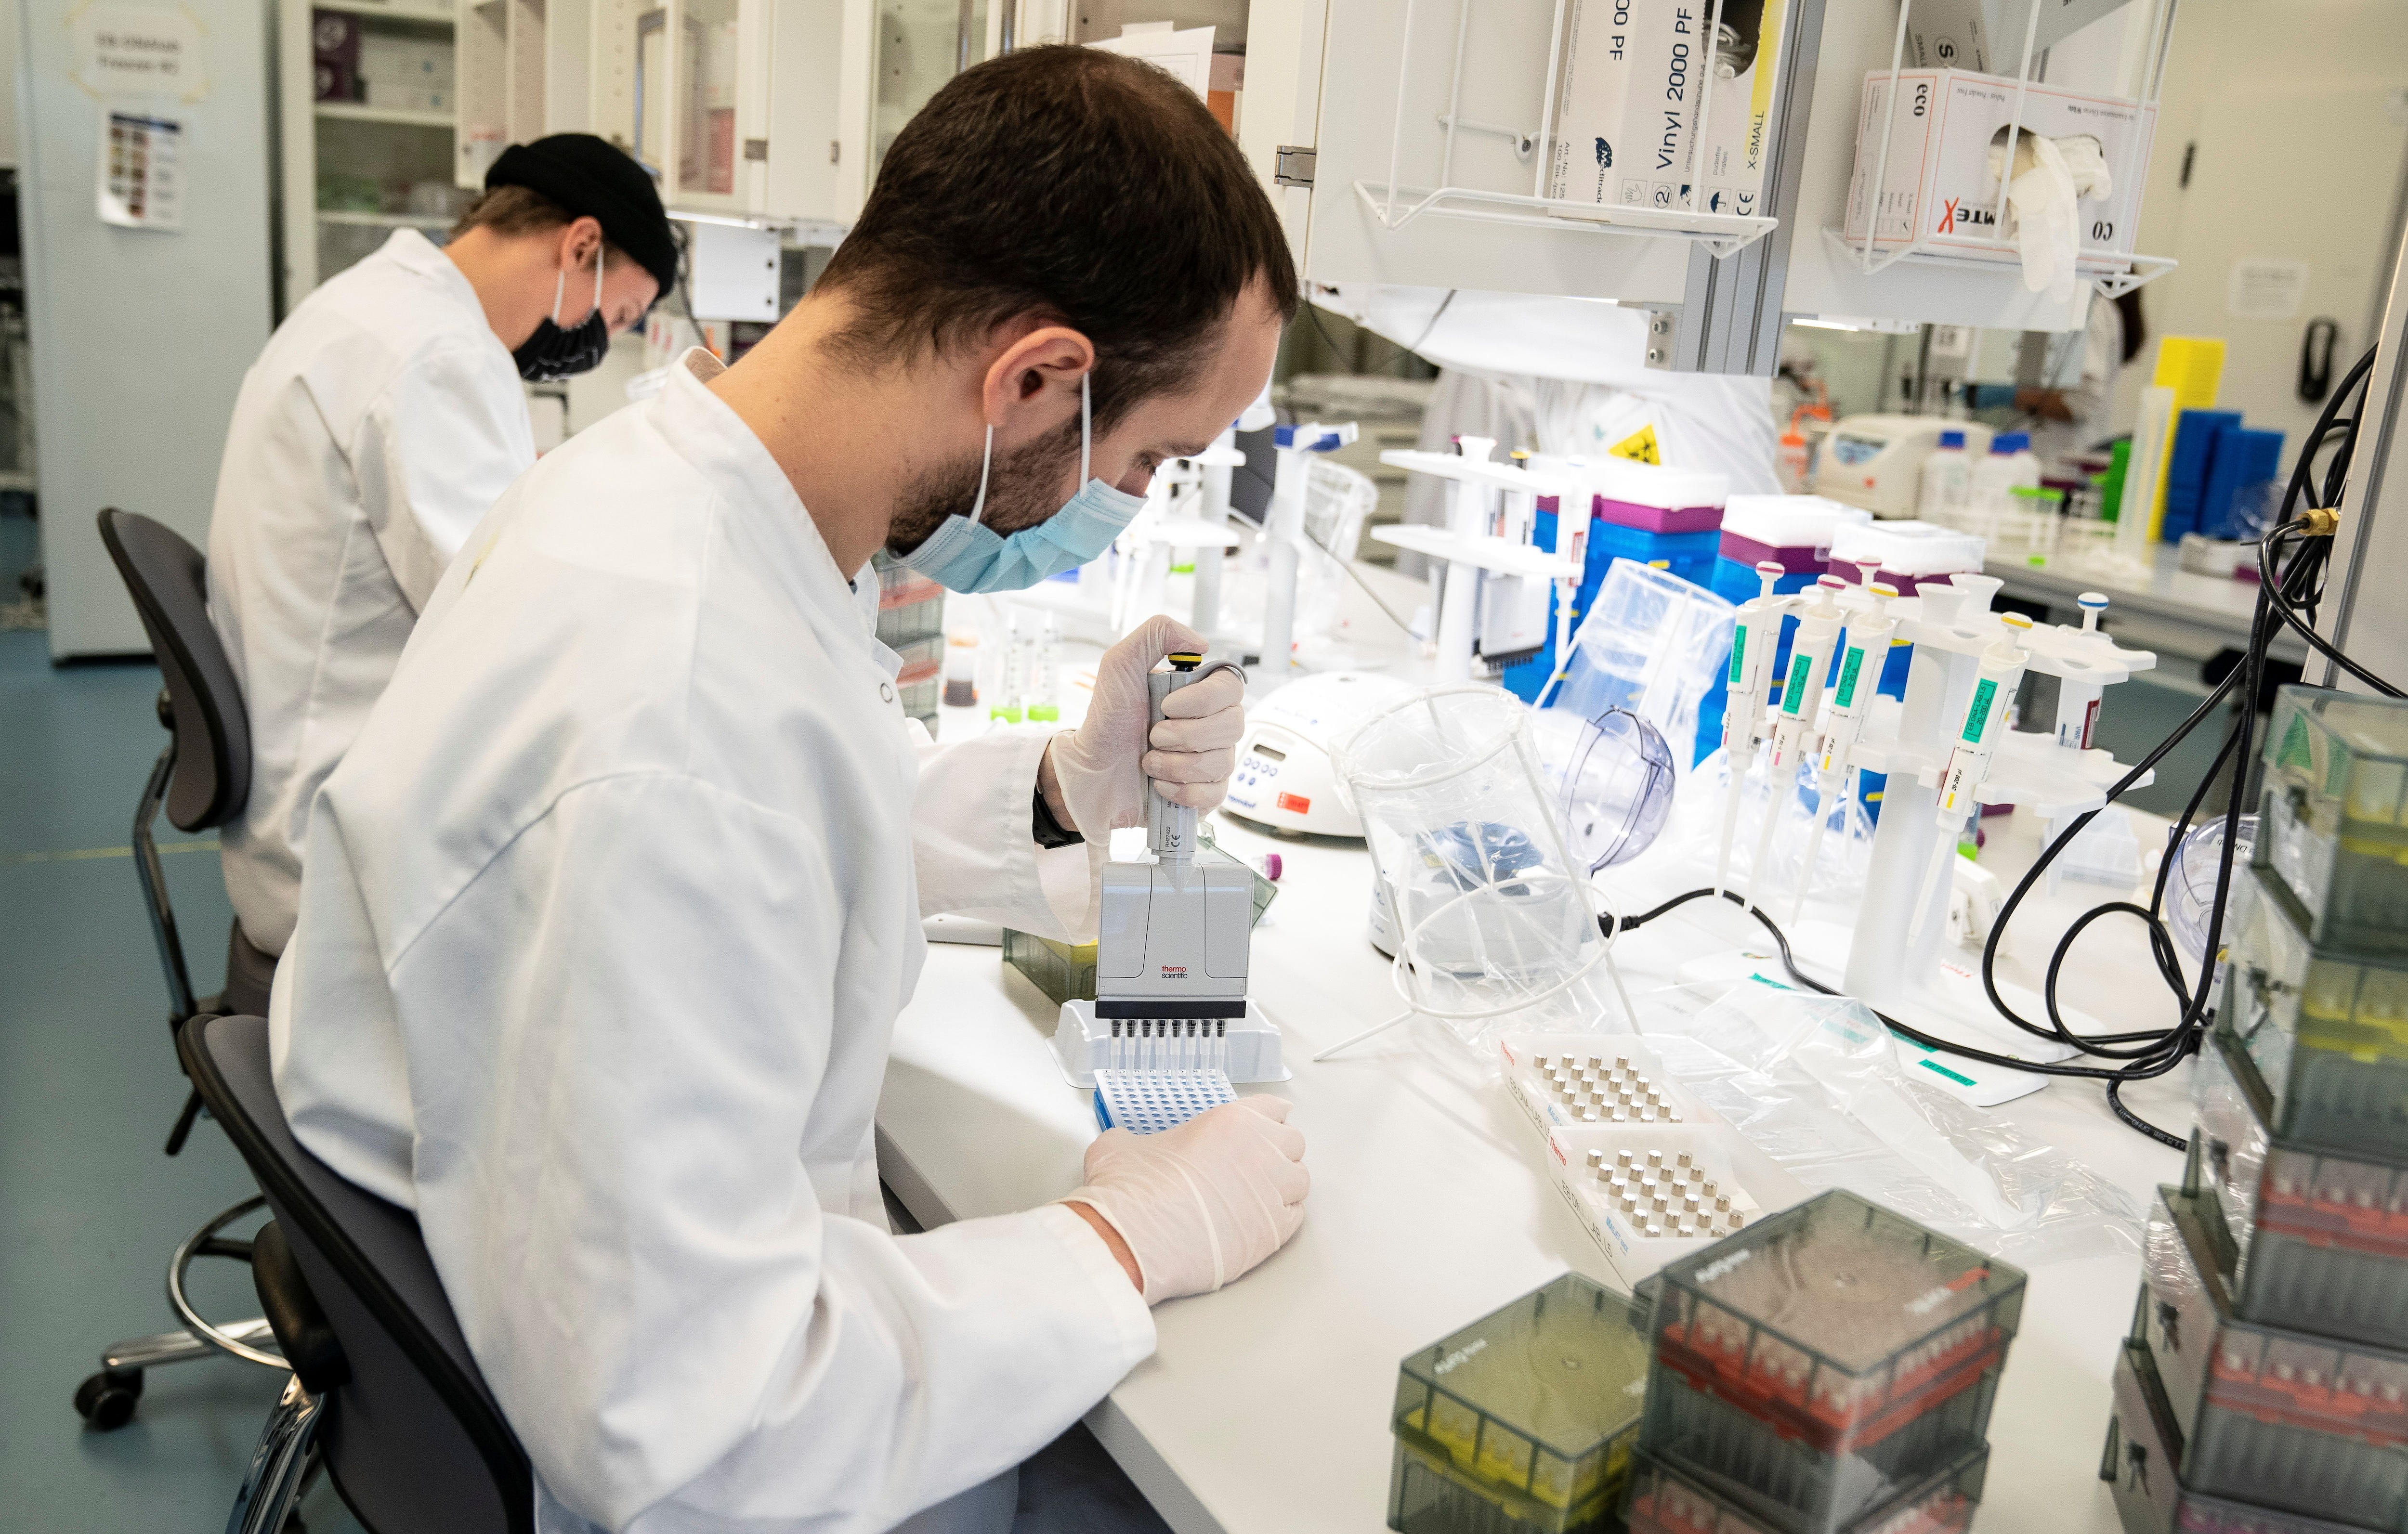 Científicos continúan la búsqueda de mejores vacunas y tratamientos contra COVID-19 -  Ritzau Scanpix/Henning Bagger via REUTERS